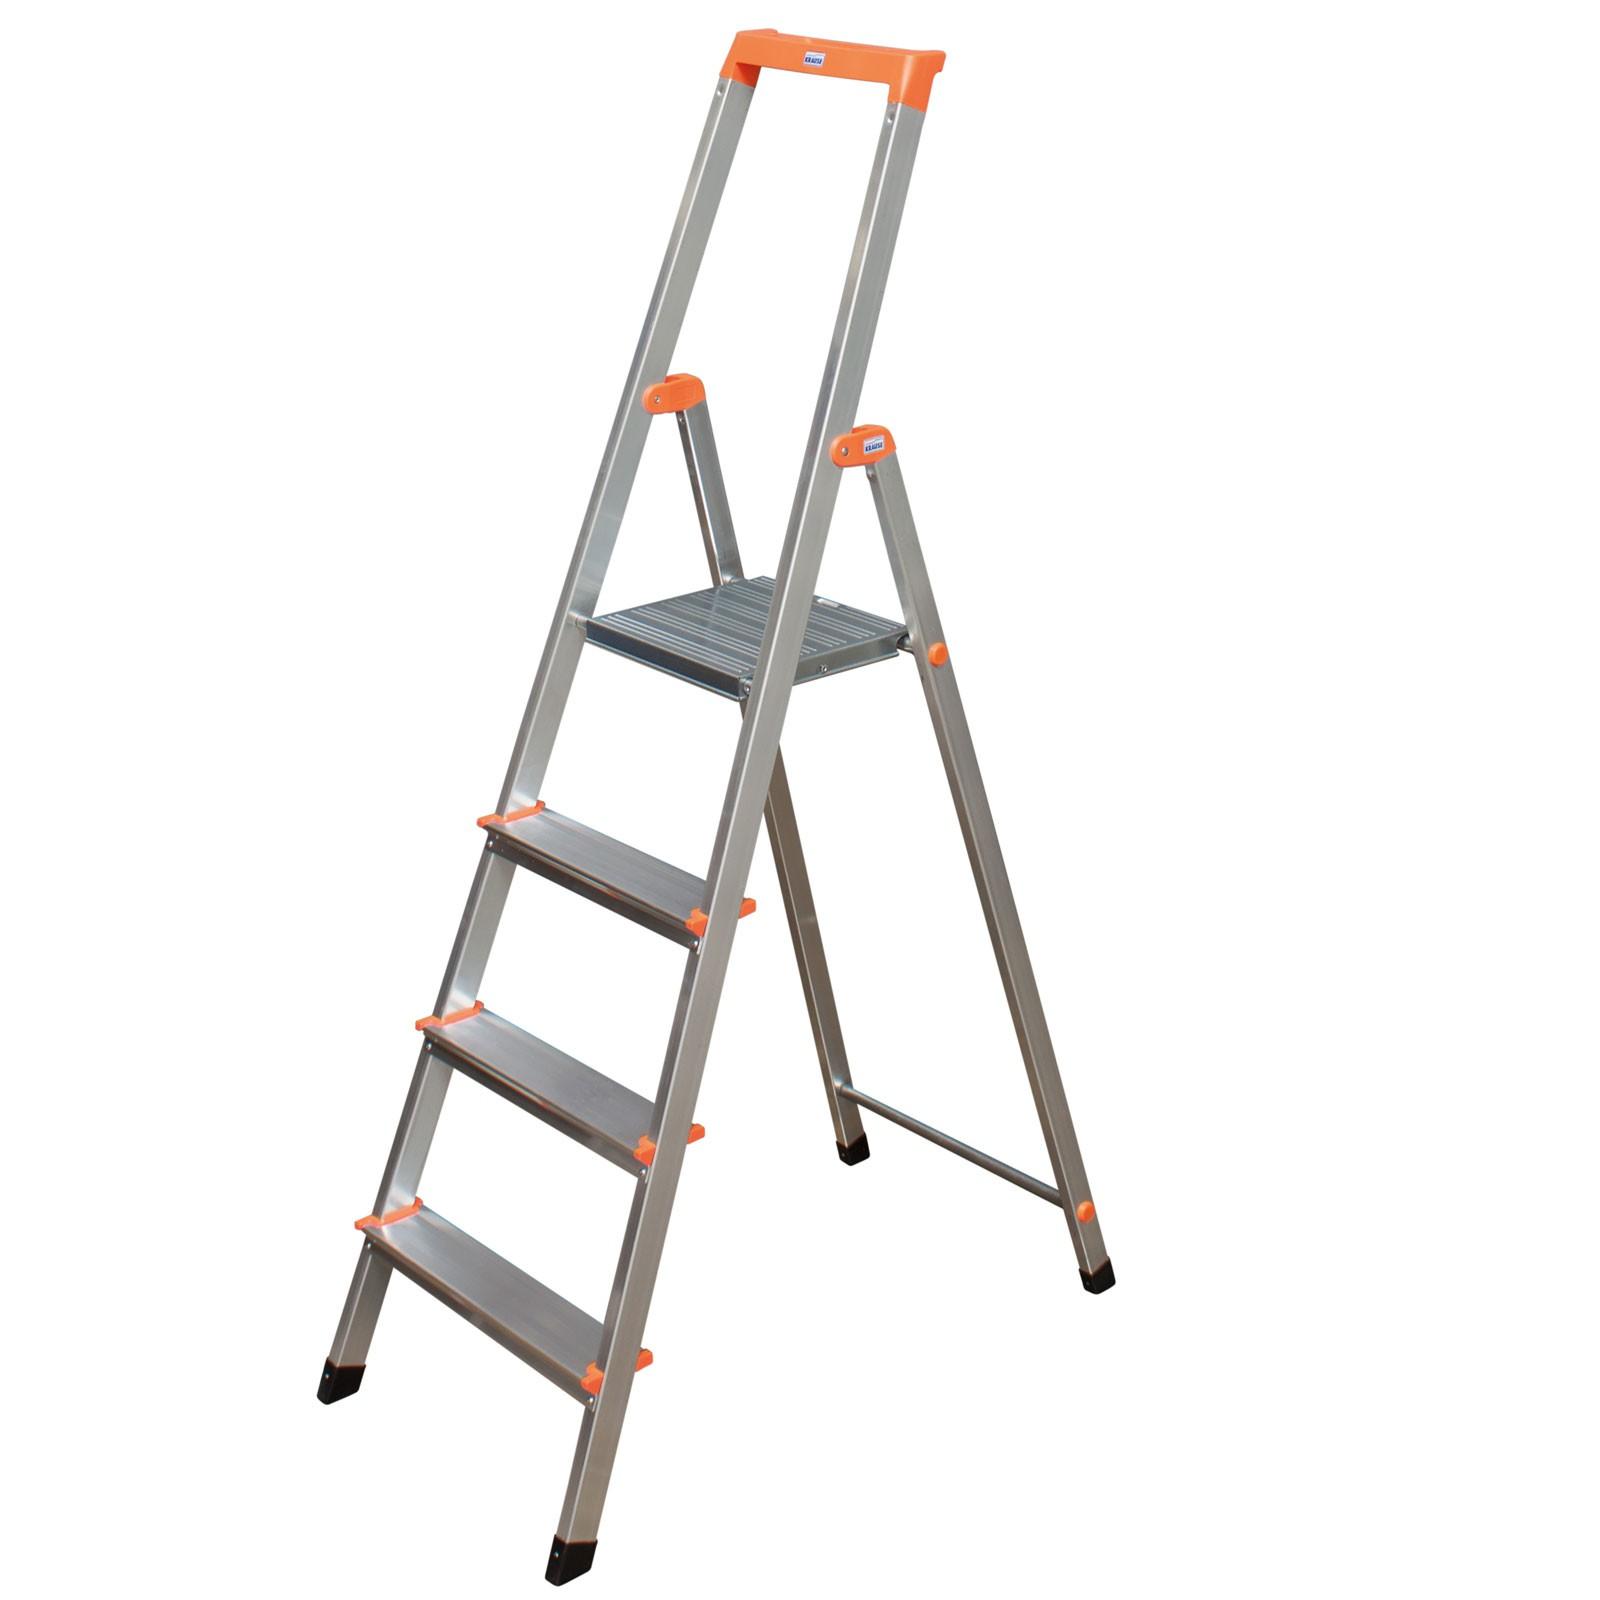 Leiter Aluleiter Alu Haushaltsleite Stufenleiter 3 Stufen Versand Kostenlos !